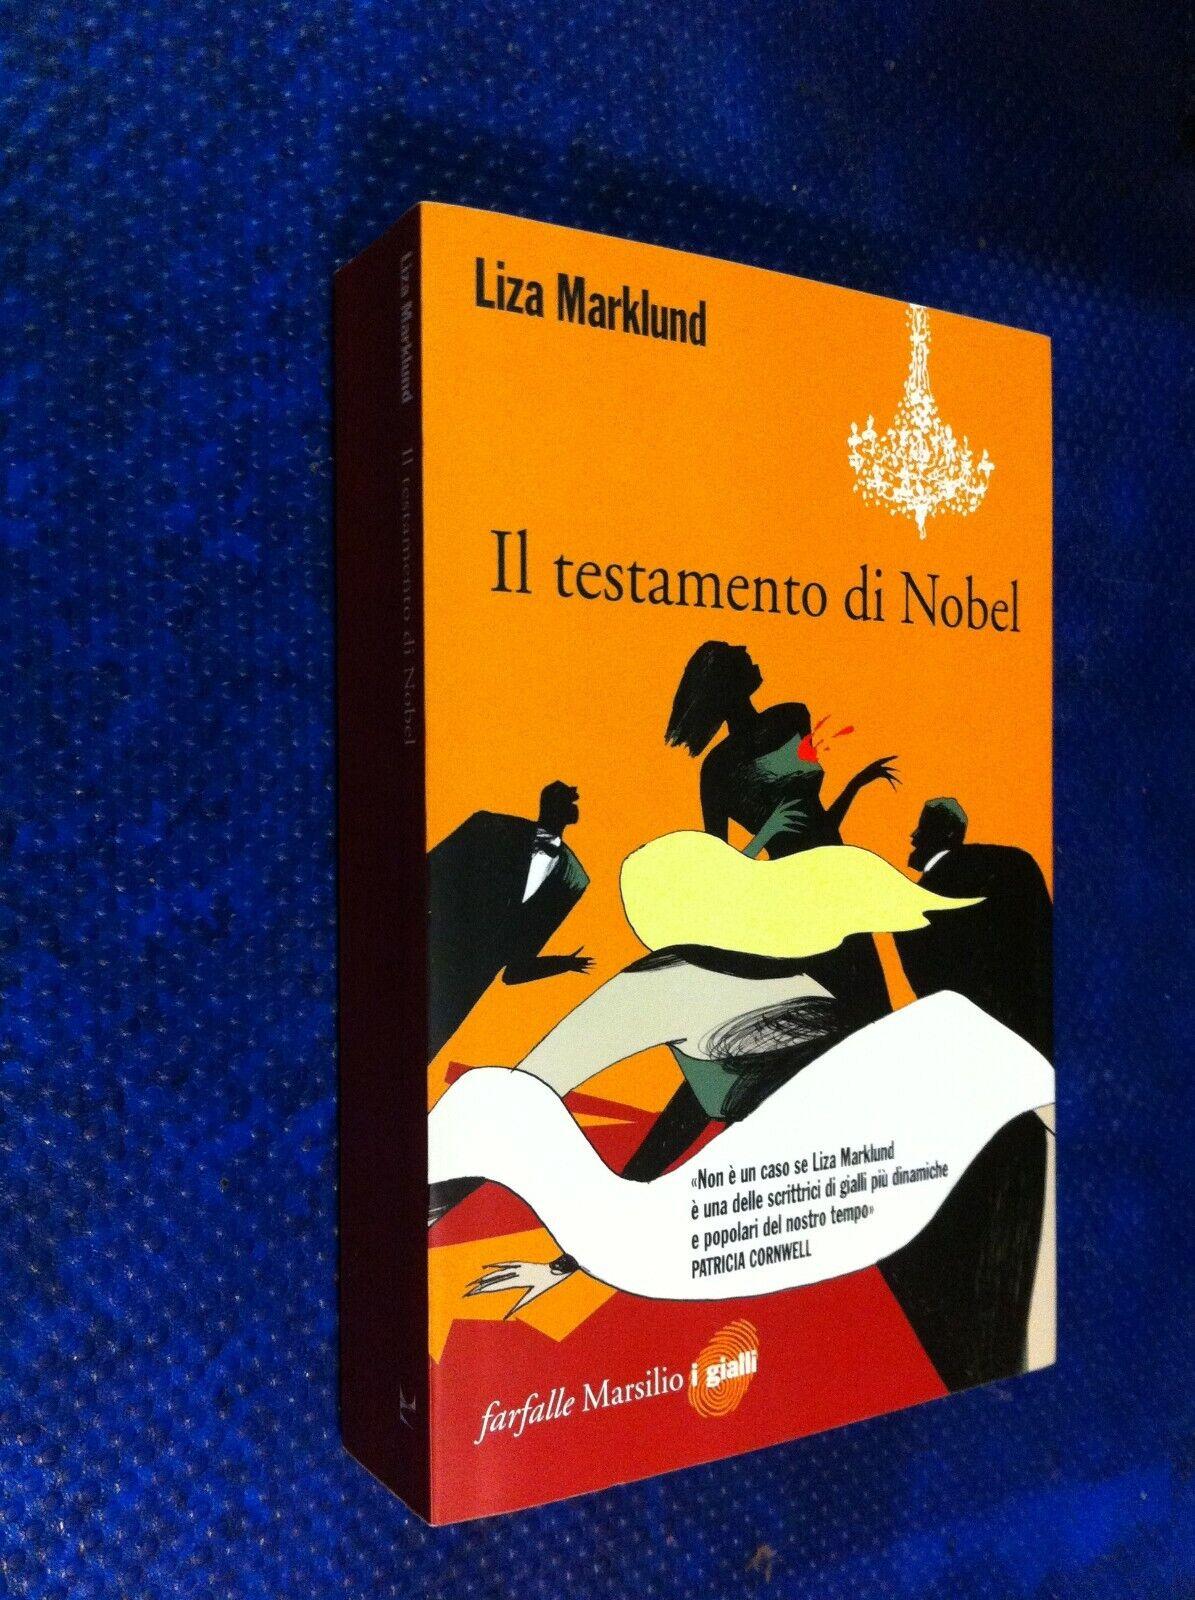 LIZA MARKLUD IL TESTAMENTO DI NOBEL FARFALL GIALLI MARSILIO 2009 PRIMA EDIZIONE